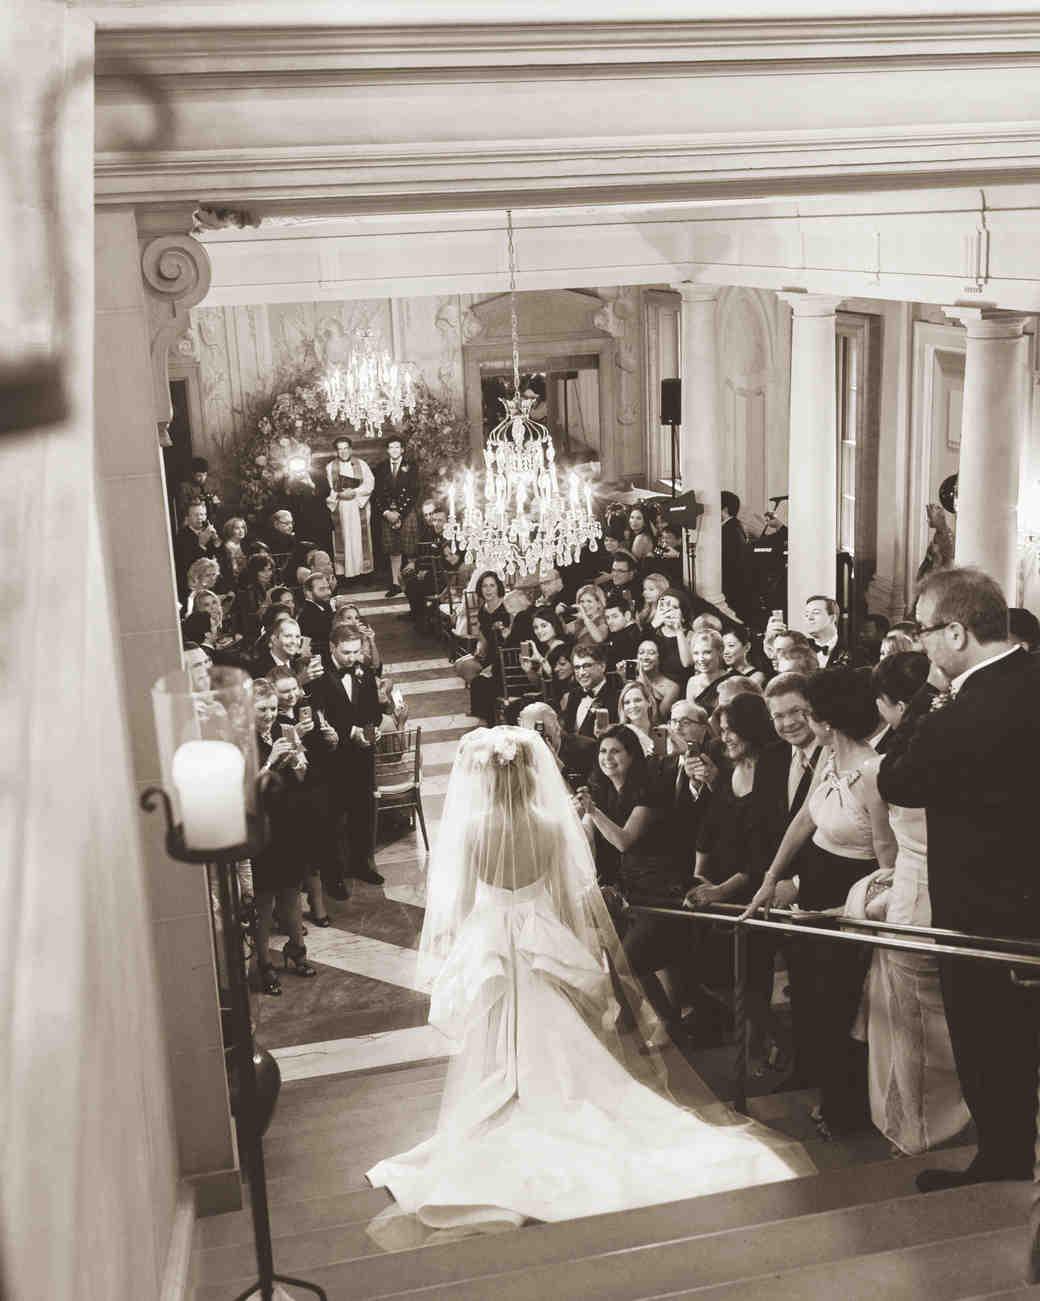 michelle-kimball-wedding-0043-s111580.jpg